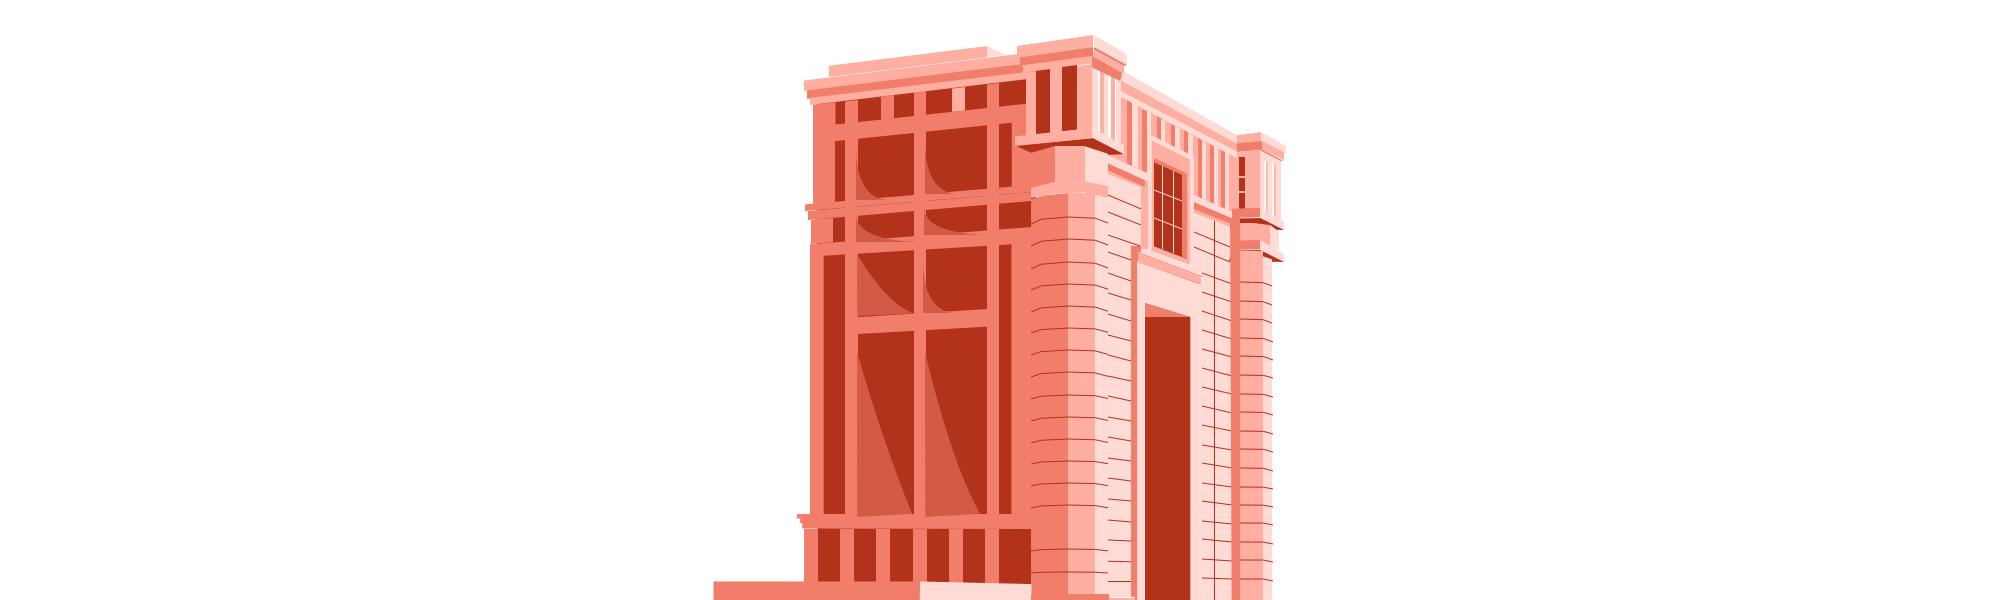 Illustration architecturale de Ricardo Bofil à Montpellier